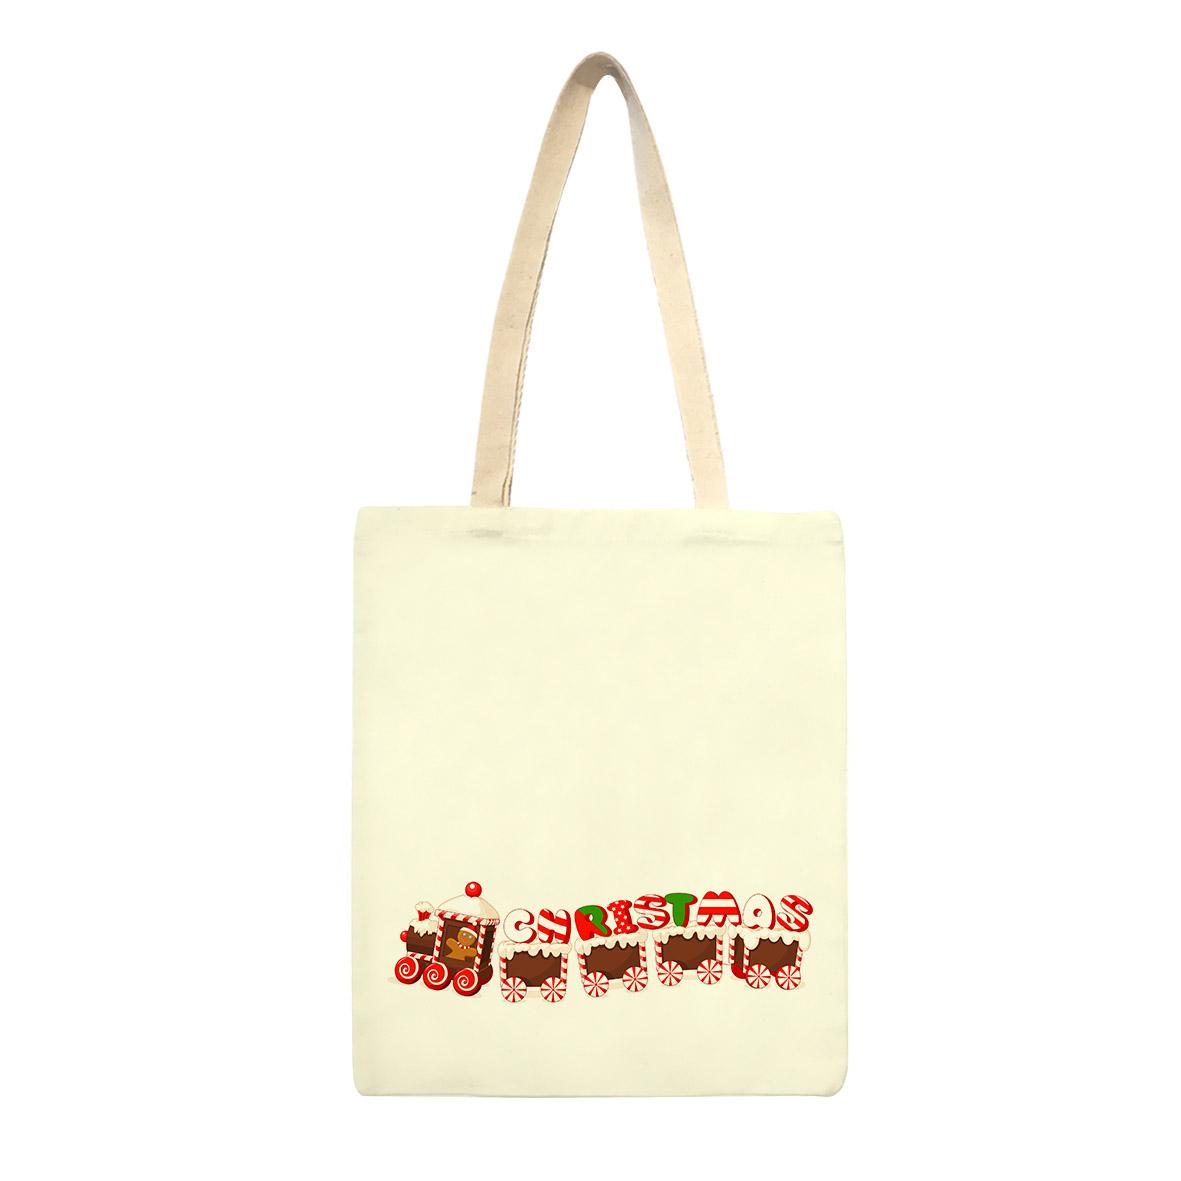 ساک خرید طرح کریسمس کد sk70